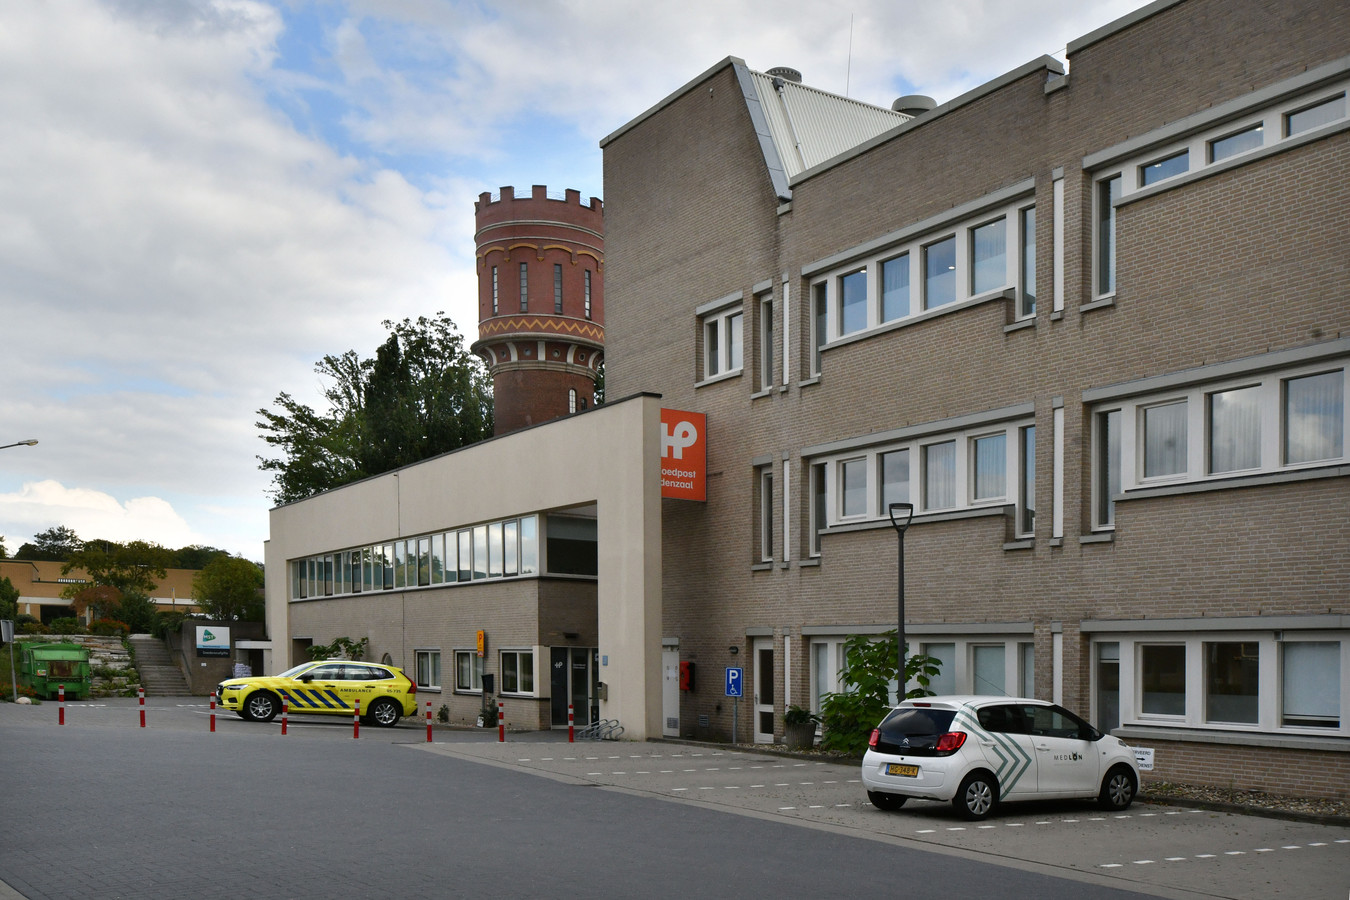 De spoedpost in Oldenzaal is gevestigd aan de Prins Bernhardstraat.